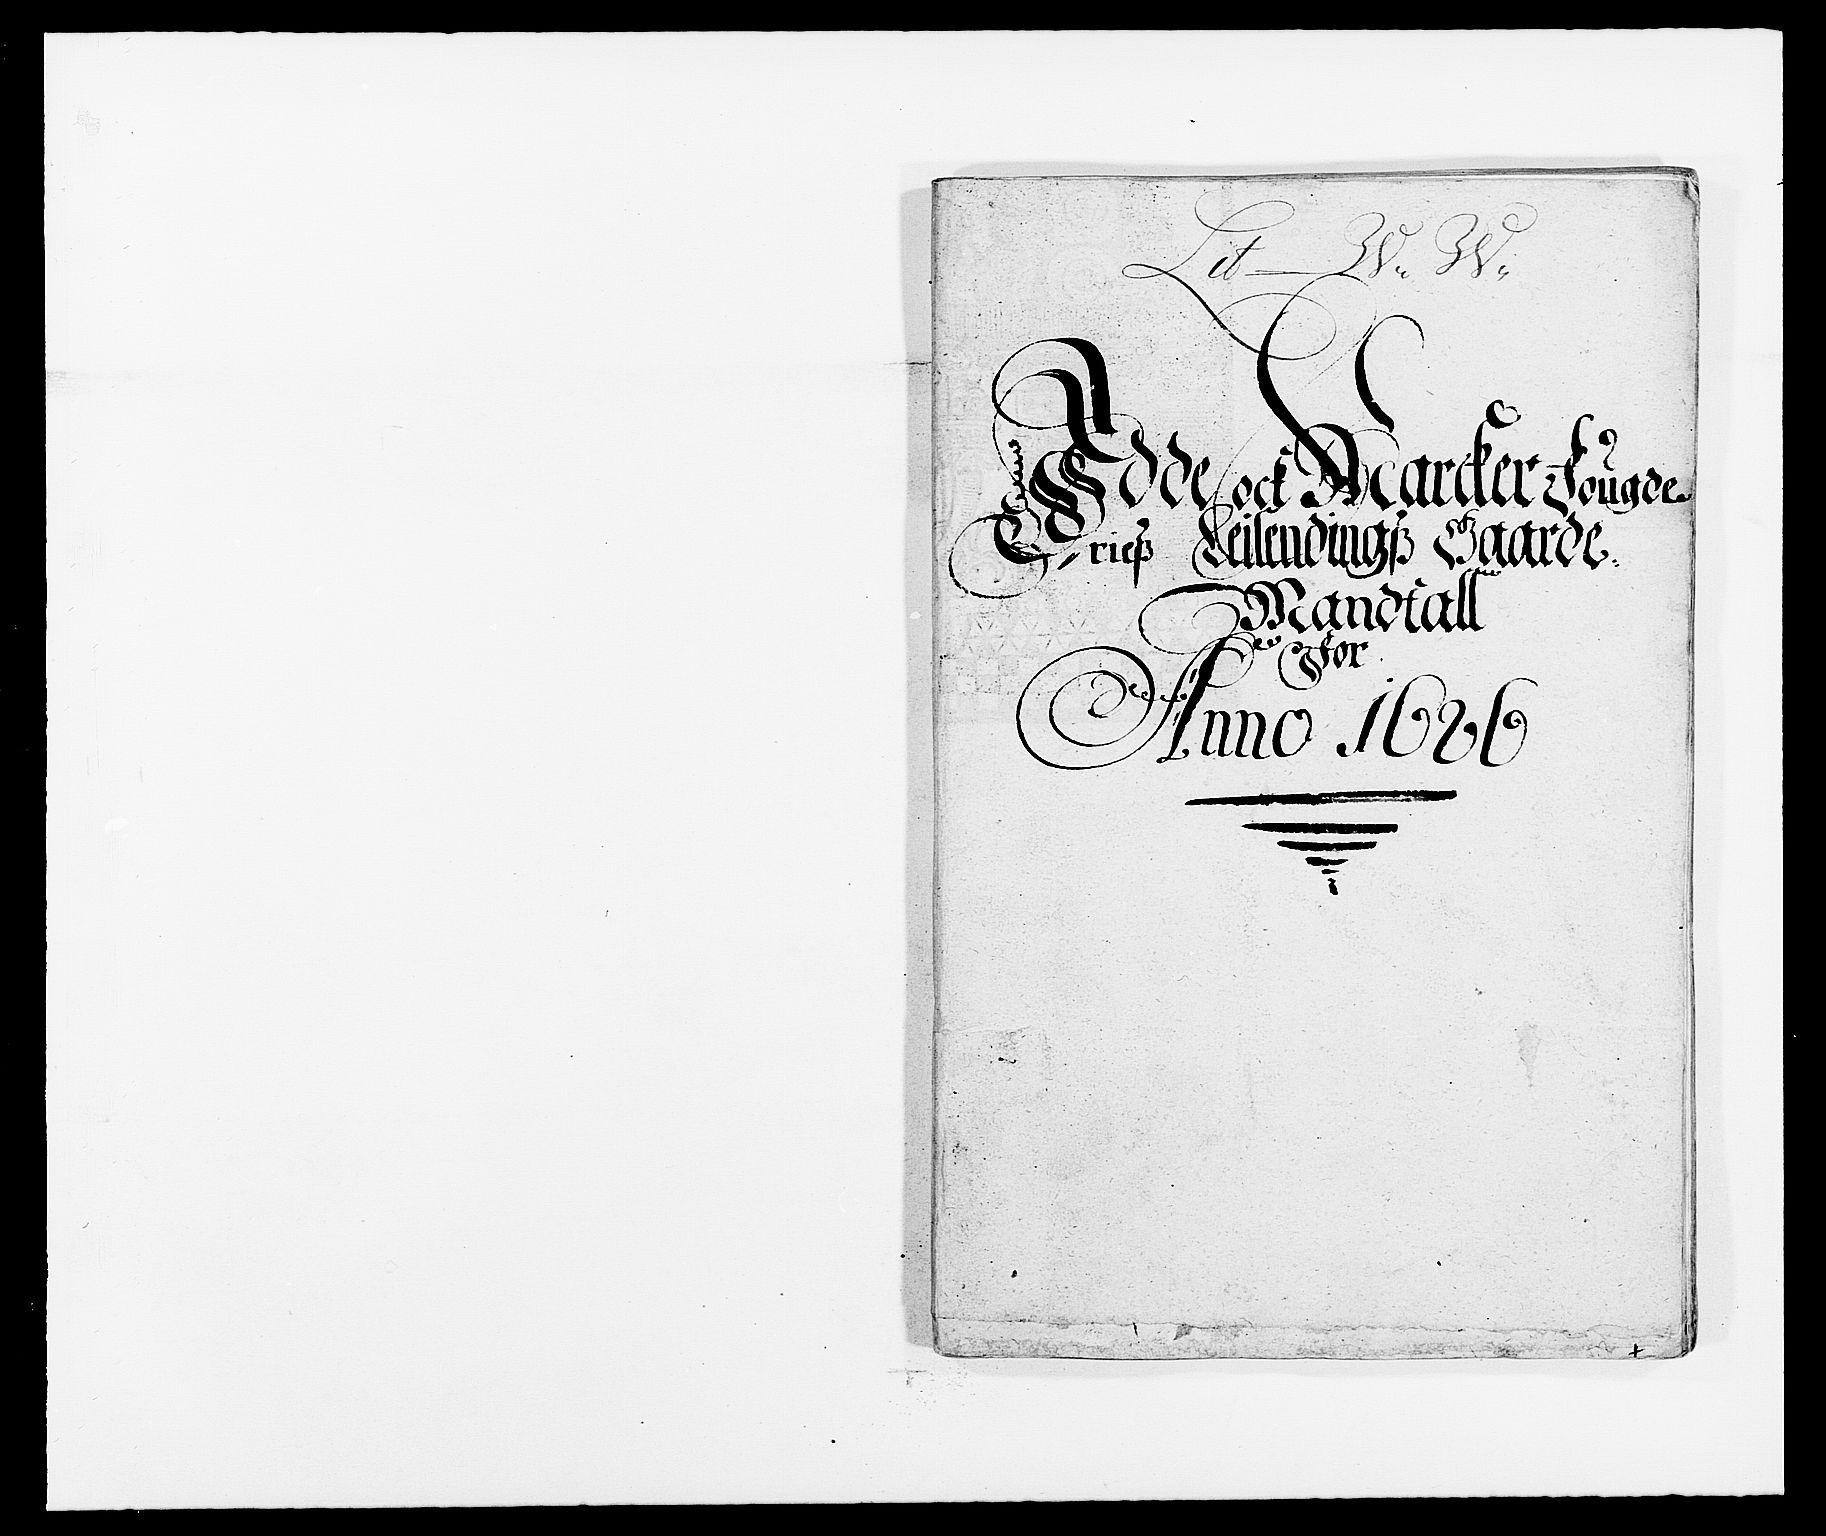 RA, Rentekammeret inntil 1814, Reviderte regnskaper, Fogderegnskap, R01/L0006: Fogderegnskap Idd og Marker, 1685-1686, s. 281